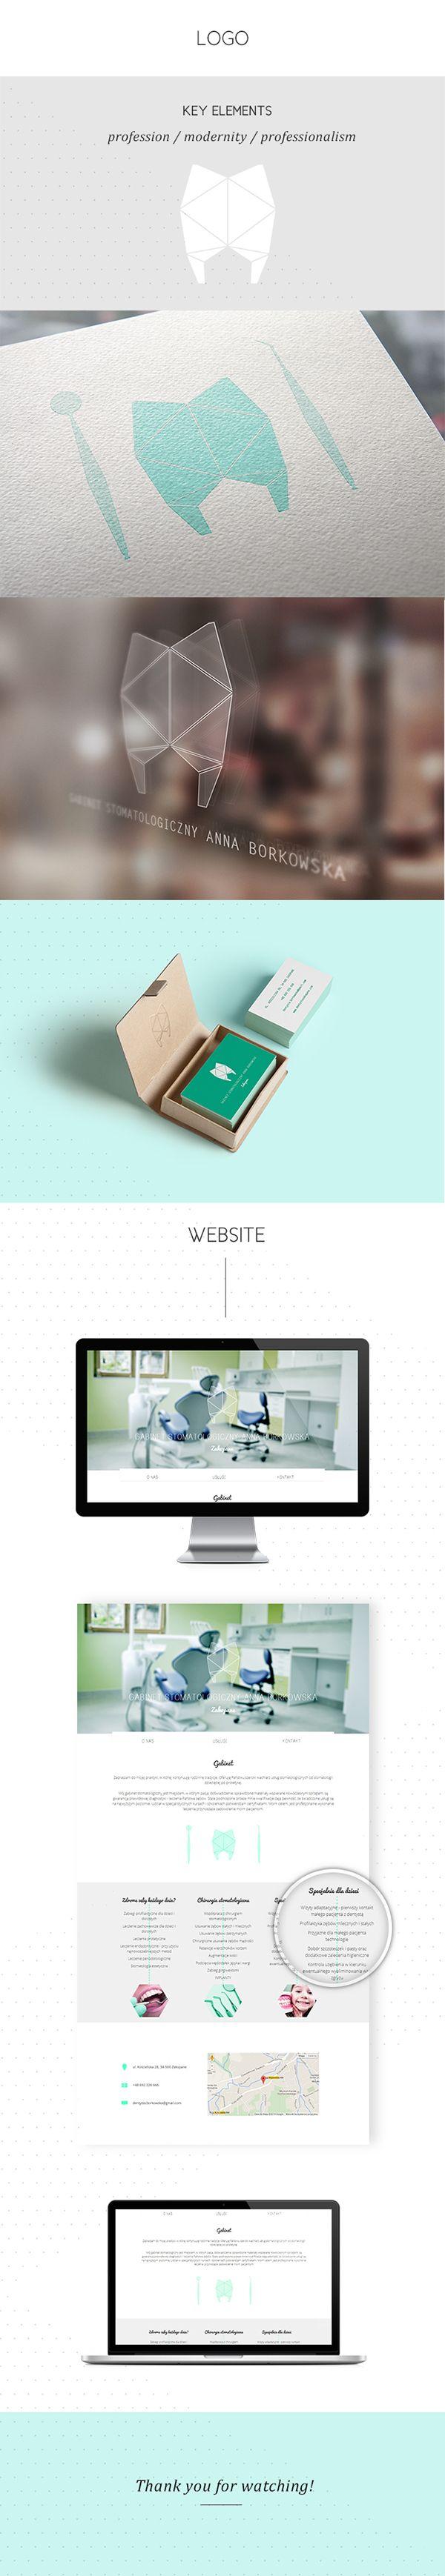 Dental Office Website Design Awesome Decorating Design